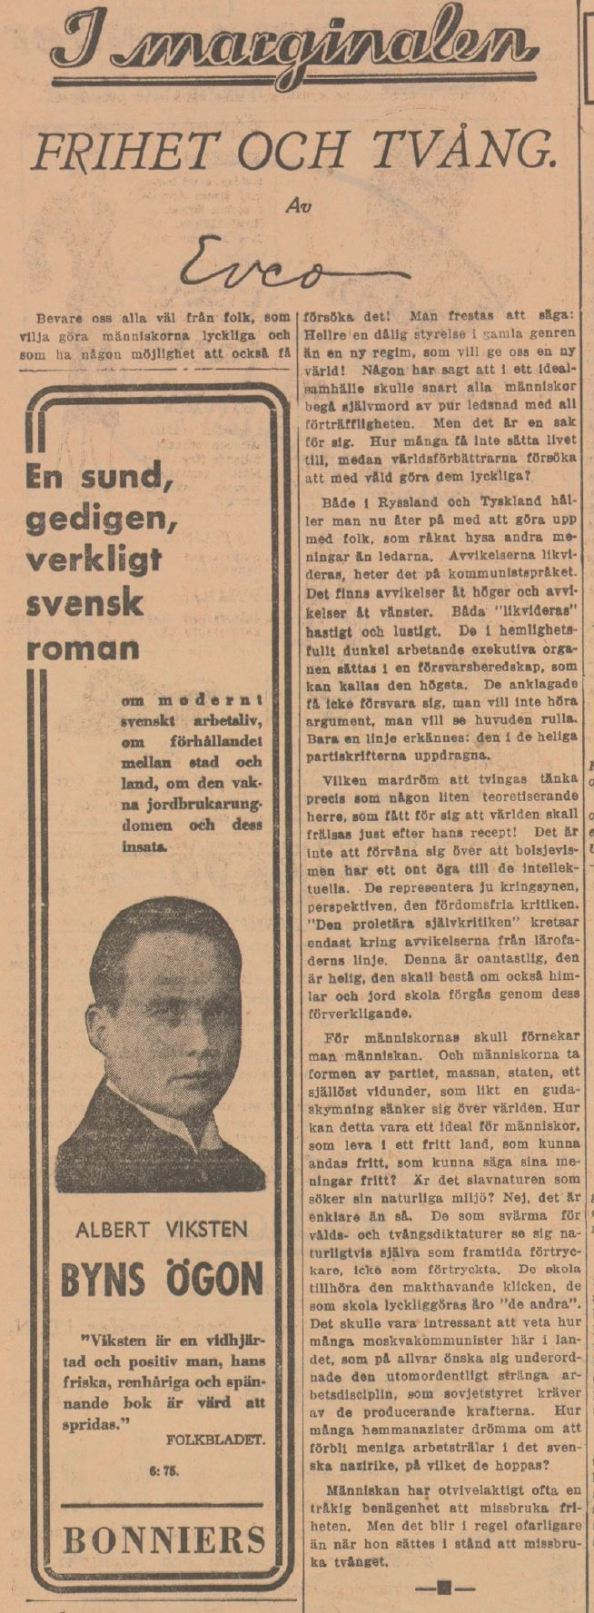 1934-12-06-svd-frihet-och-tvang